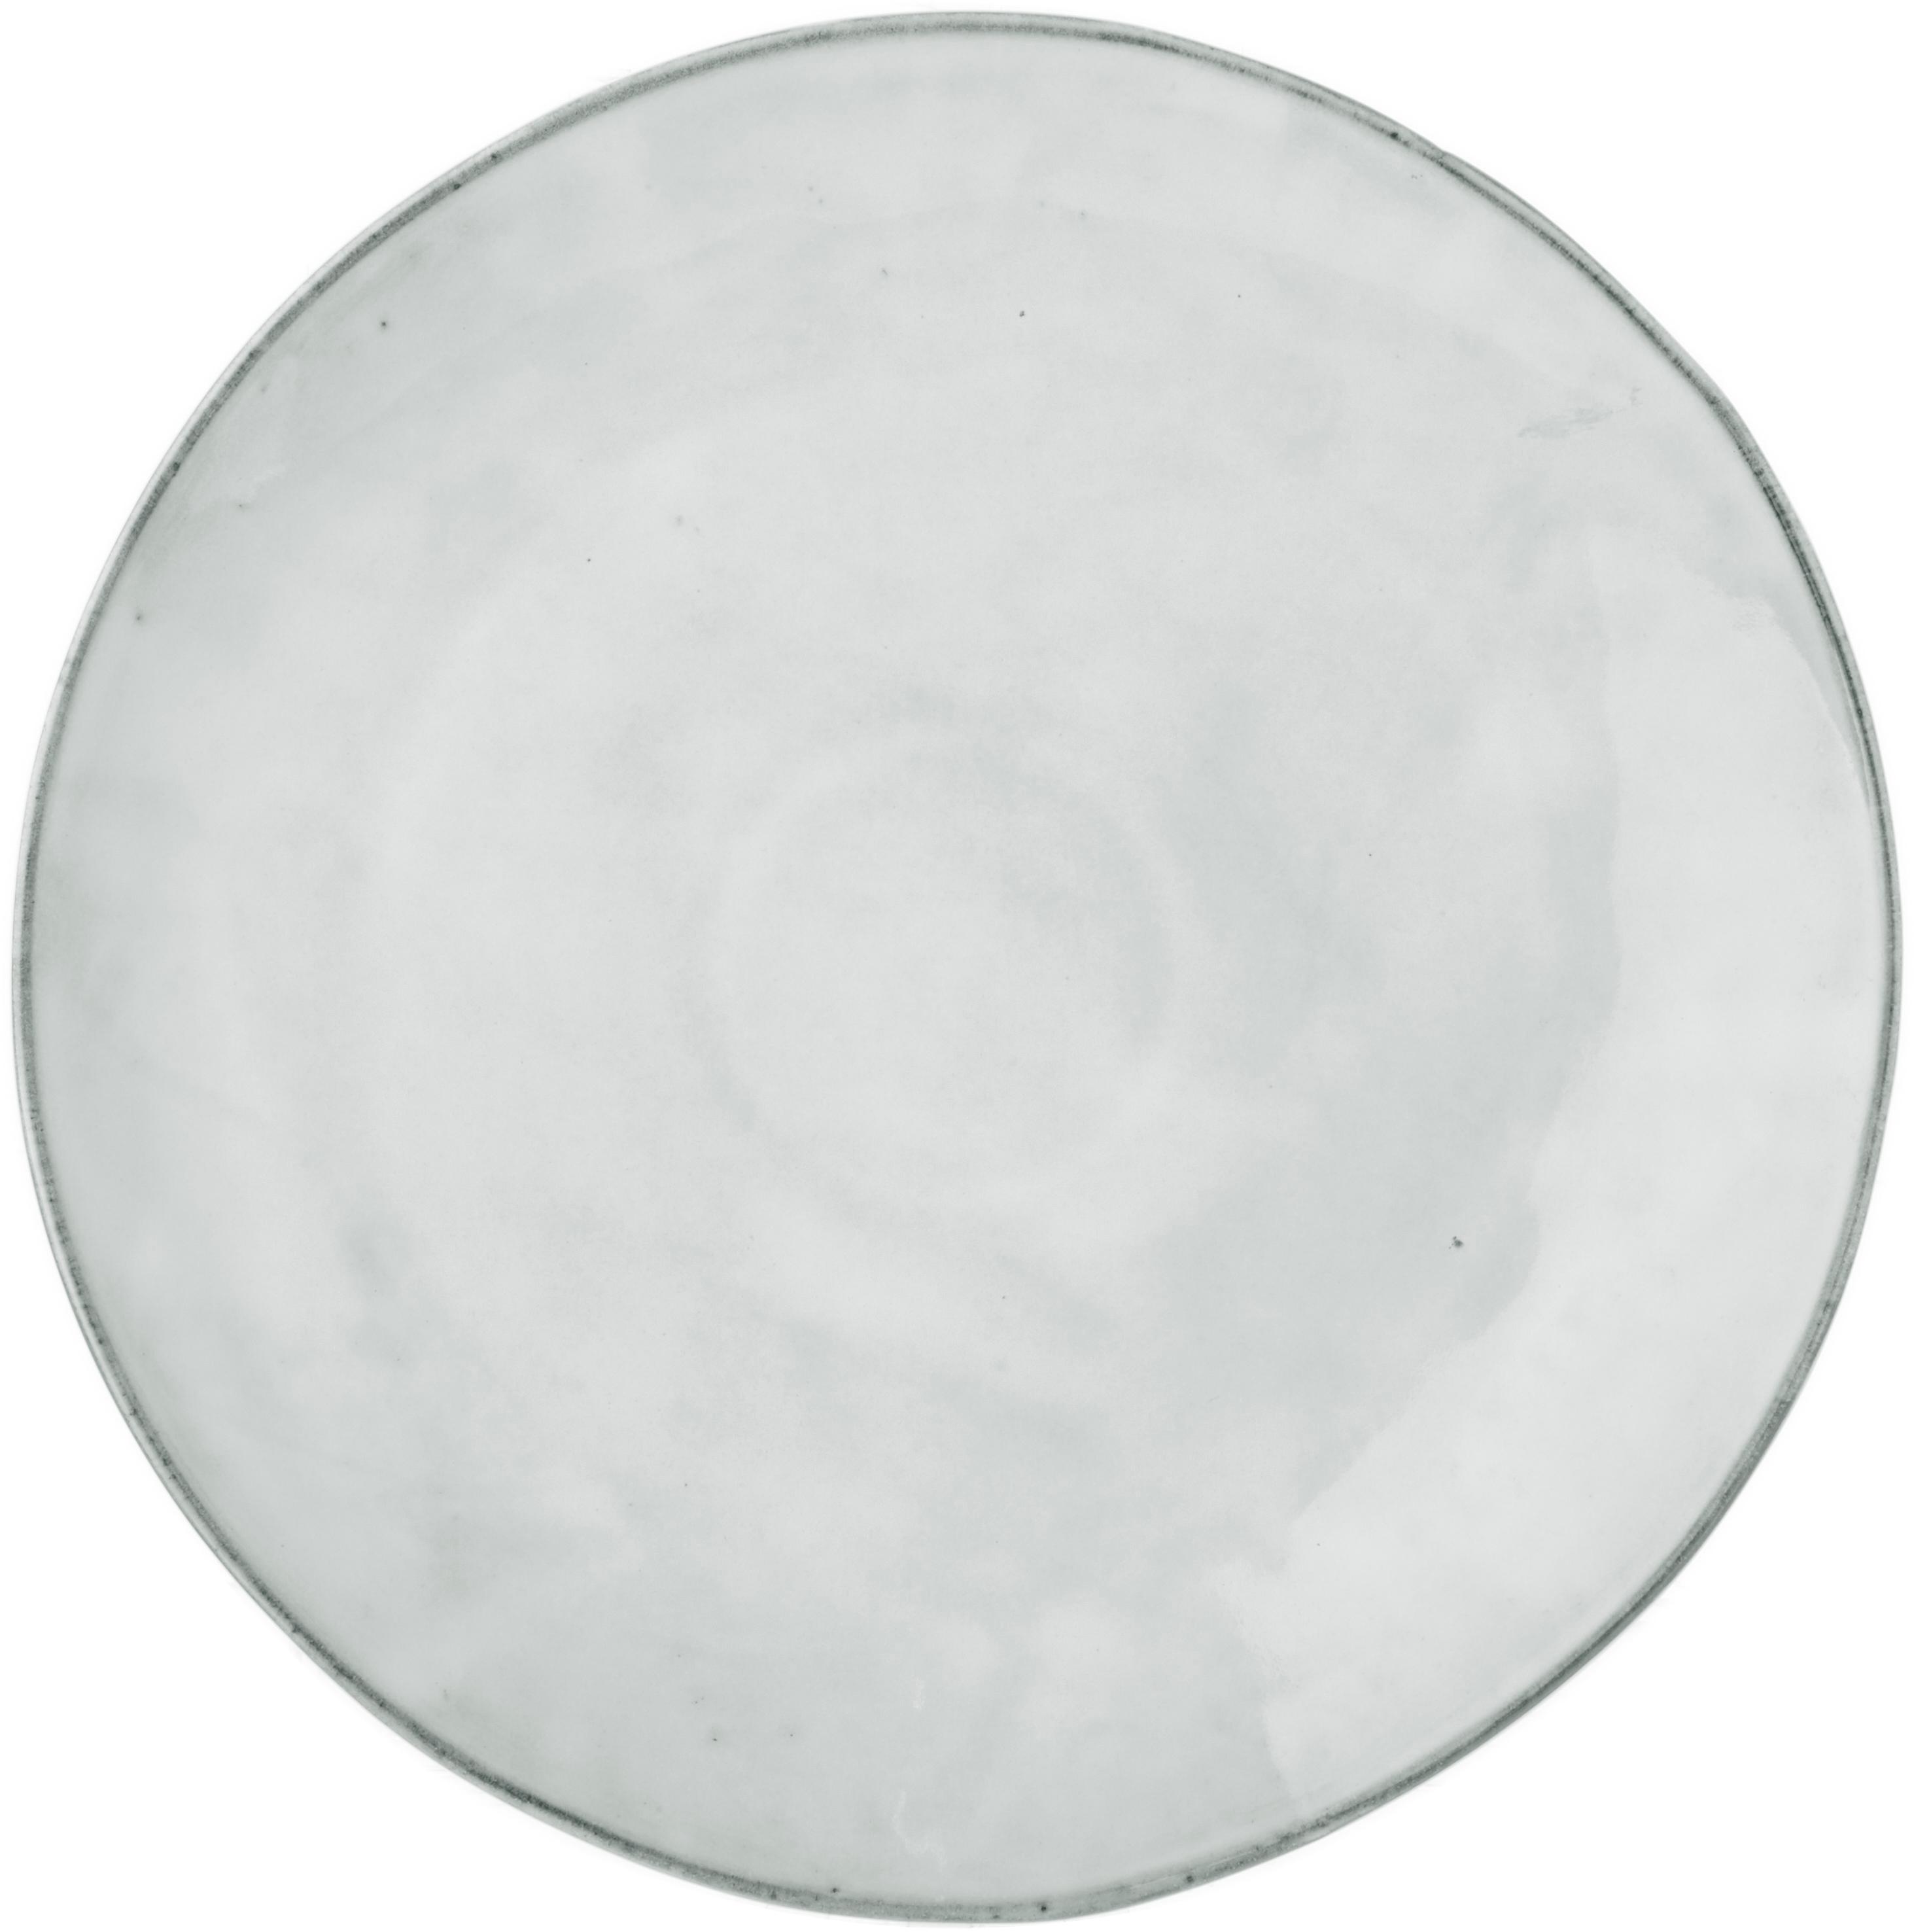 Bajoplatos artesanales Nordic Sand, 4uds., Gres, Arena, Ø 30 cm